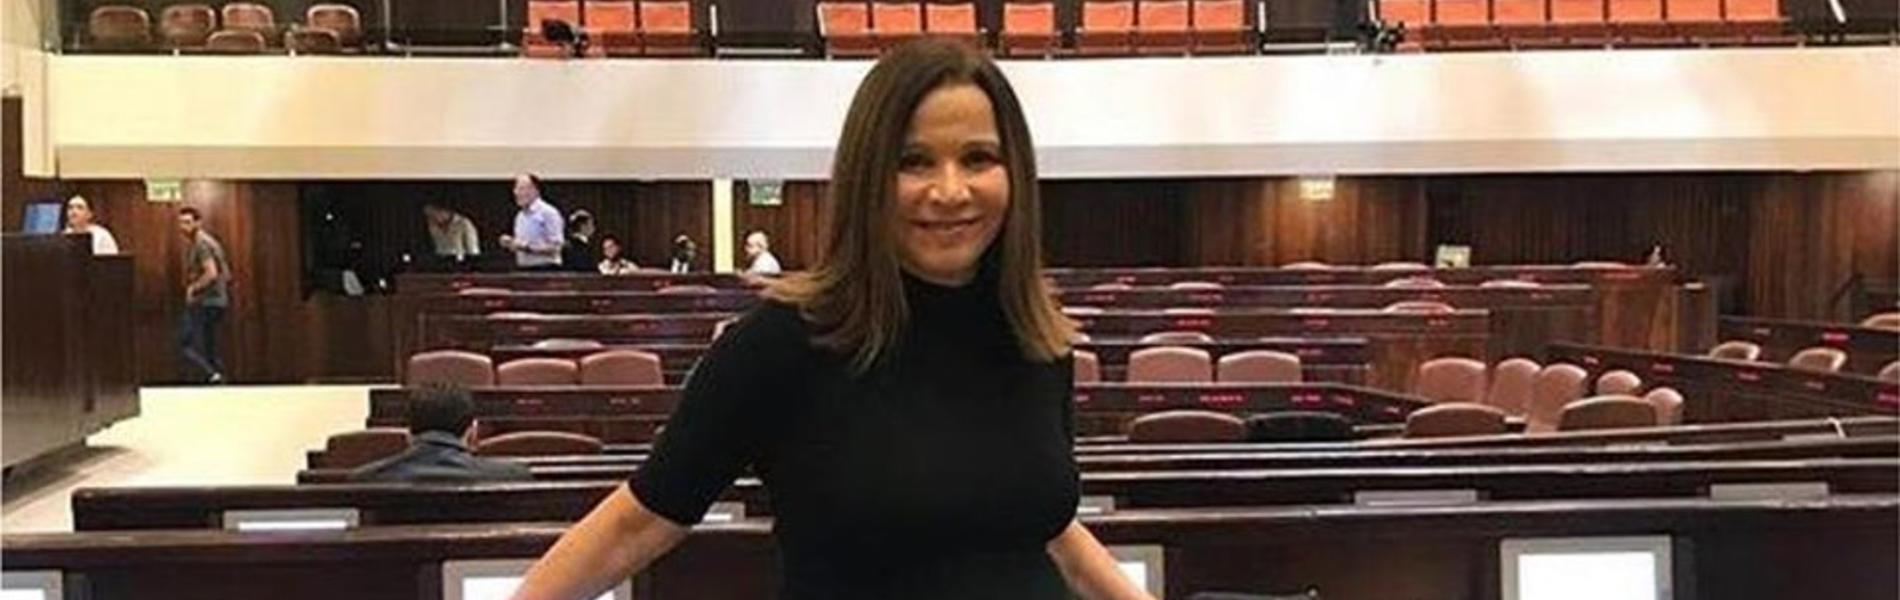 שלי יחימוביץ היא עוד חוליה בשרשרת הנשים המרשימות שנעלמות מהכנסת